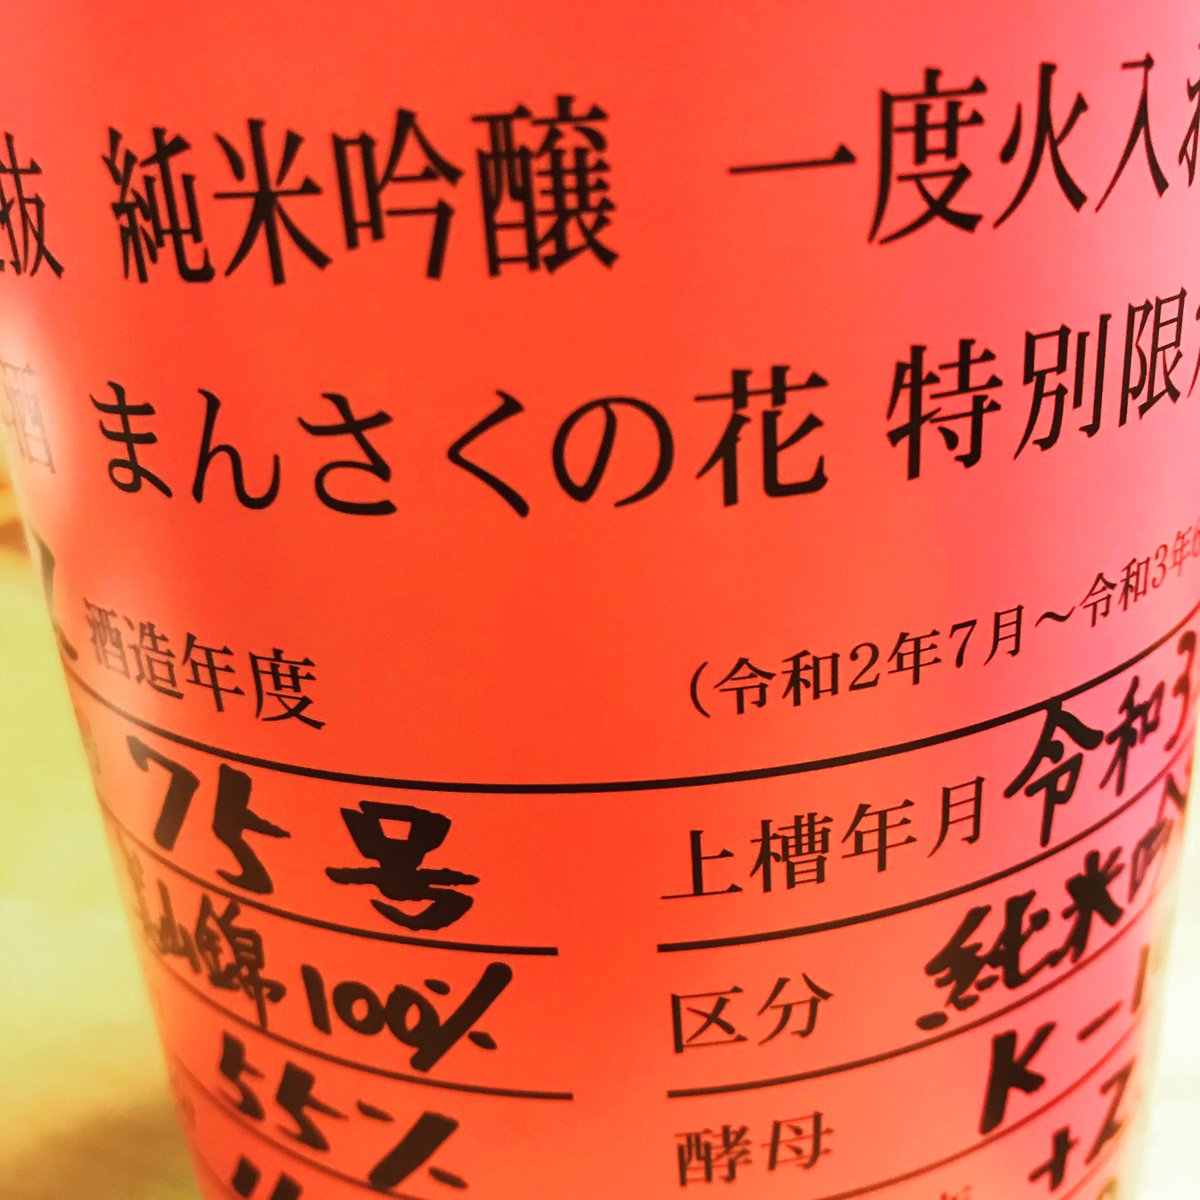 test ツイッターメディア - まんさくの花(秋田県日の丸醸造株式会社)杜氏選抜純米吟醸 特別限定酒ピンクラベル  超メロン🍈果実の香りにやられました。一口含むと果実のまま舌の奥から咽頭深くまで余韻が残る特徴的な日本酒です。昨年も飲みましたが、まんさくアップロードしてます😋  #日本酒みらくるbar https://t.co/v6QFpaHLSW